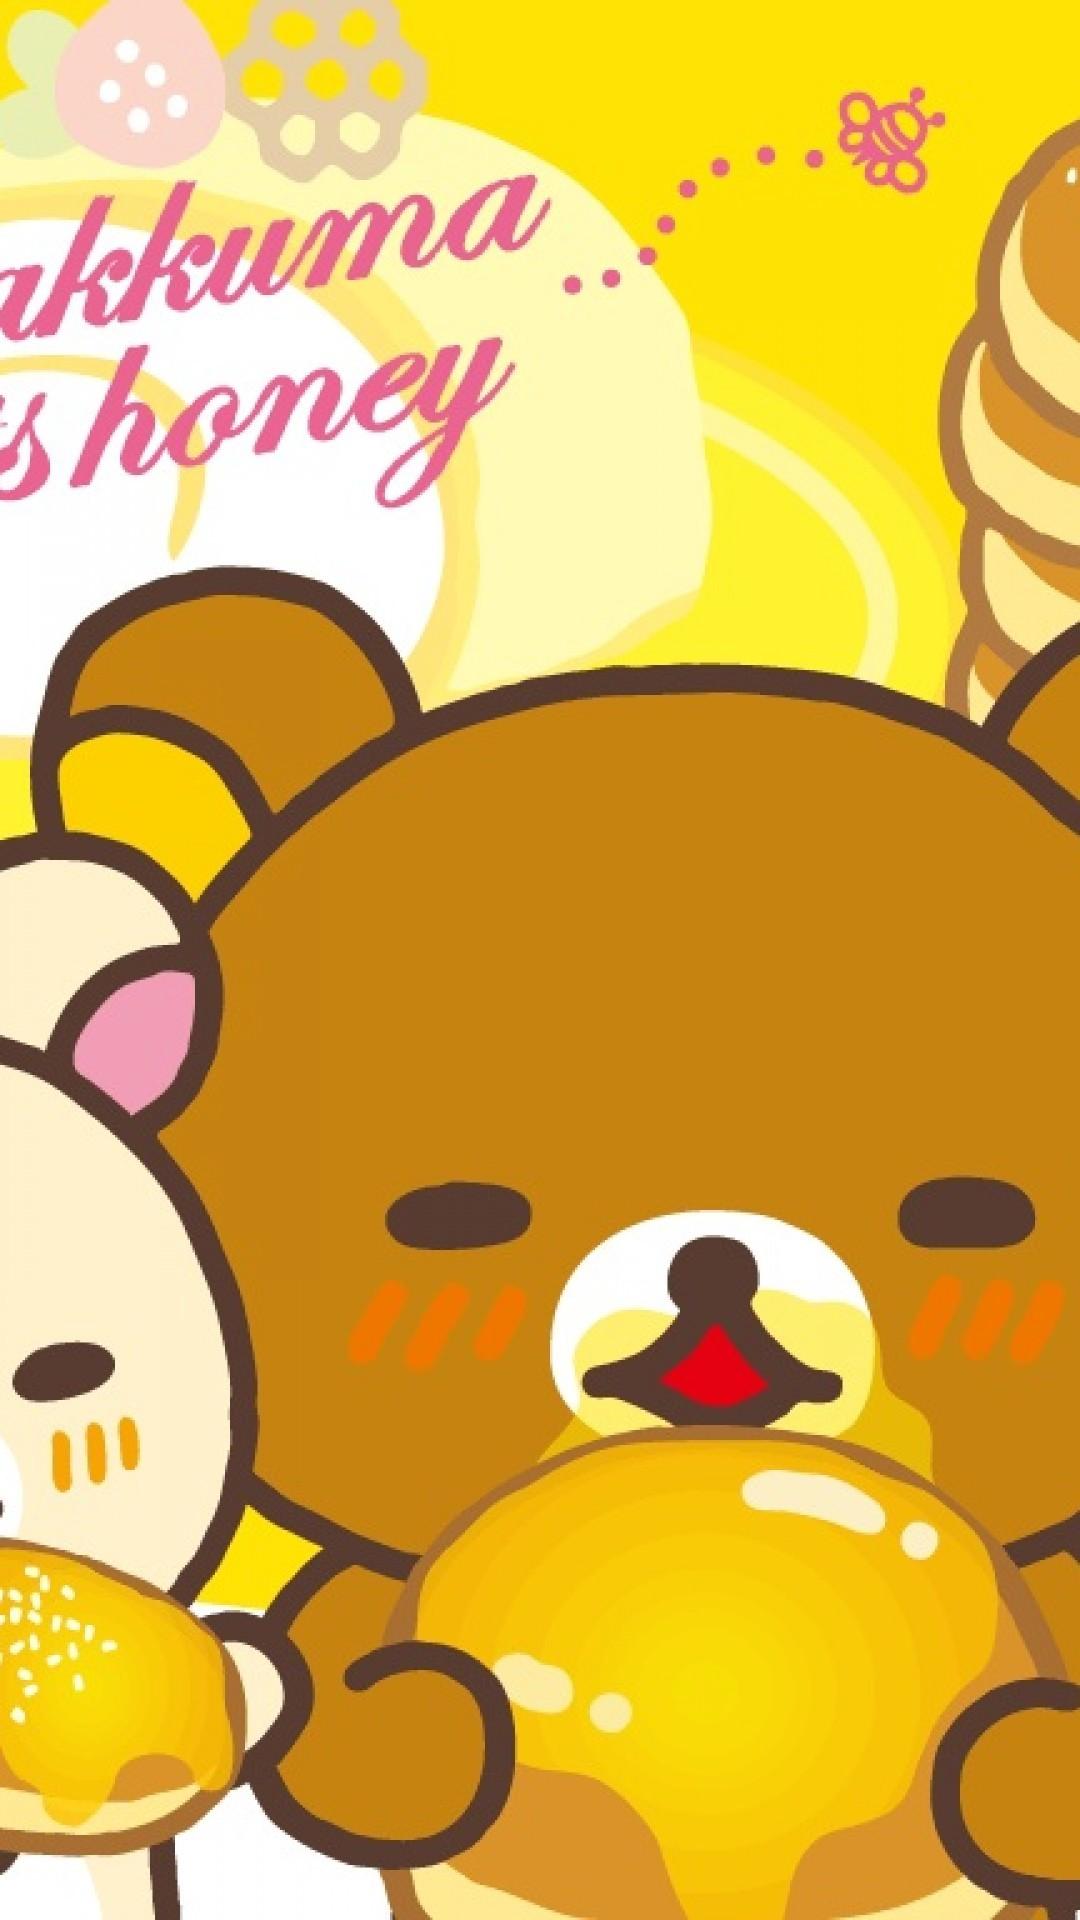 rilakkuma IPhone6s wallpaper